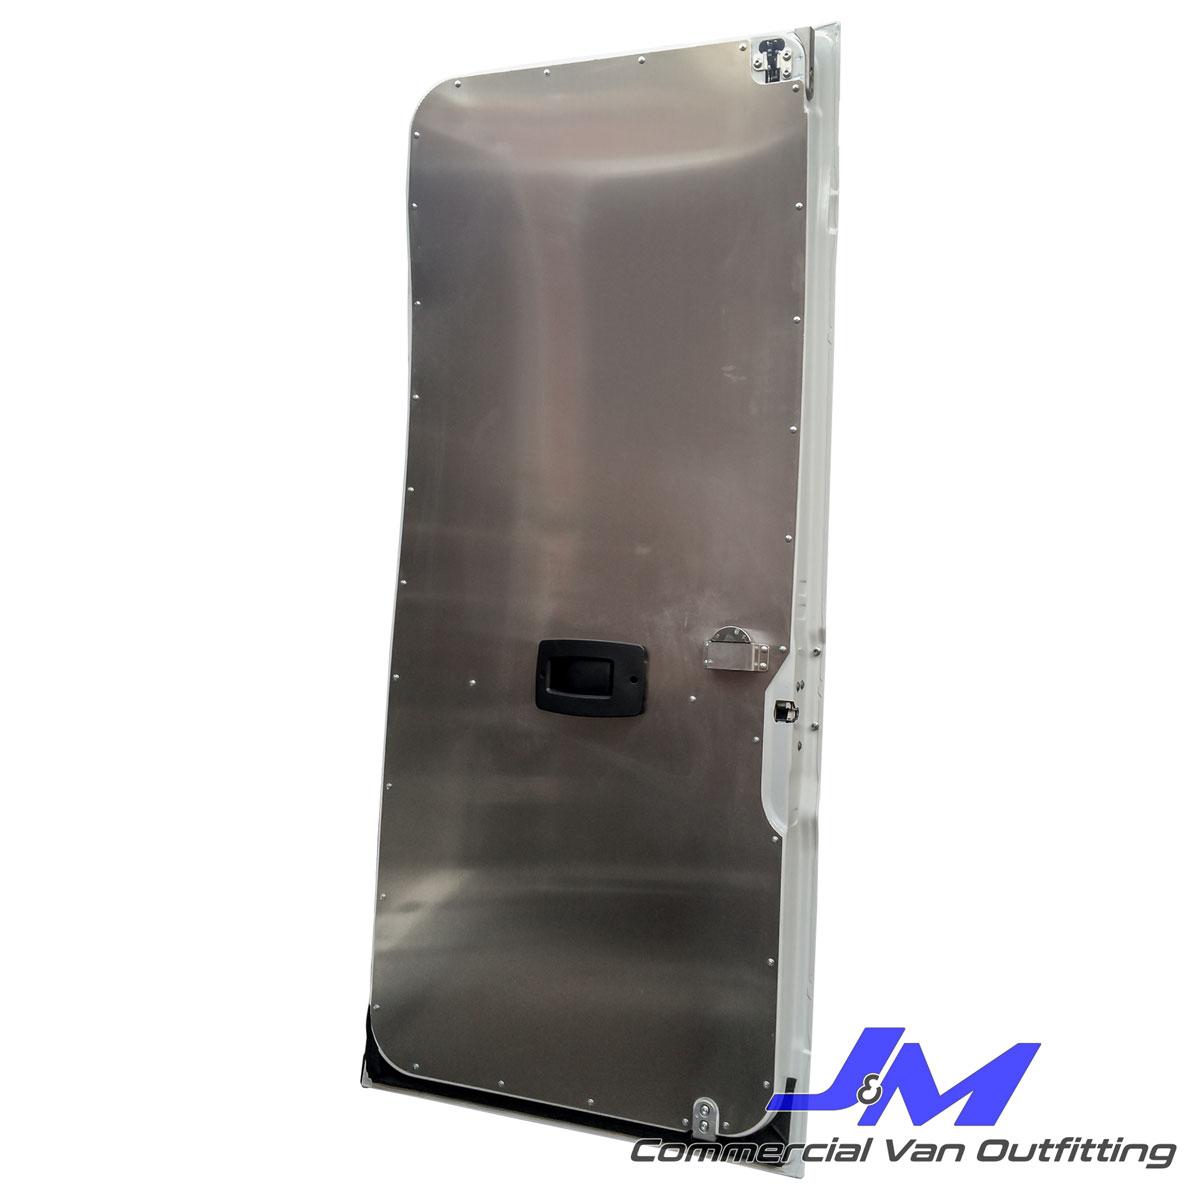 ProMaster Door PanelHigh Roof Rear Full PassengerSolidSKU: 050119